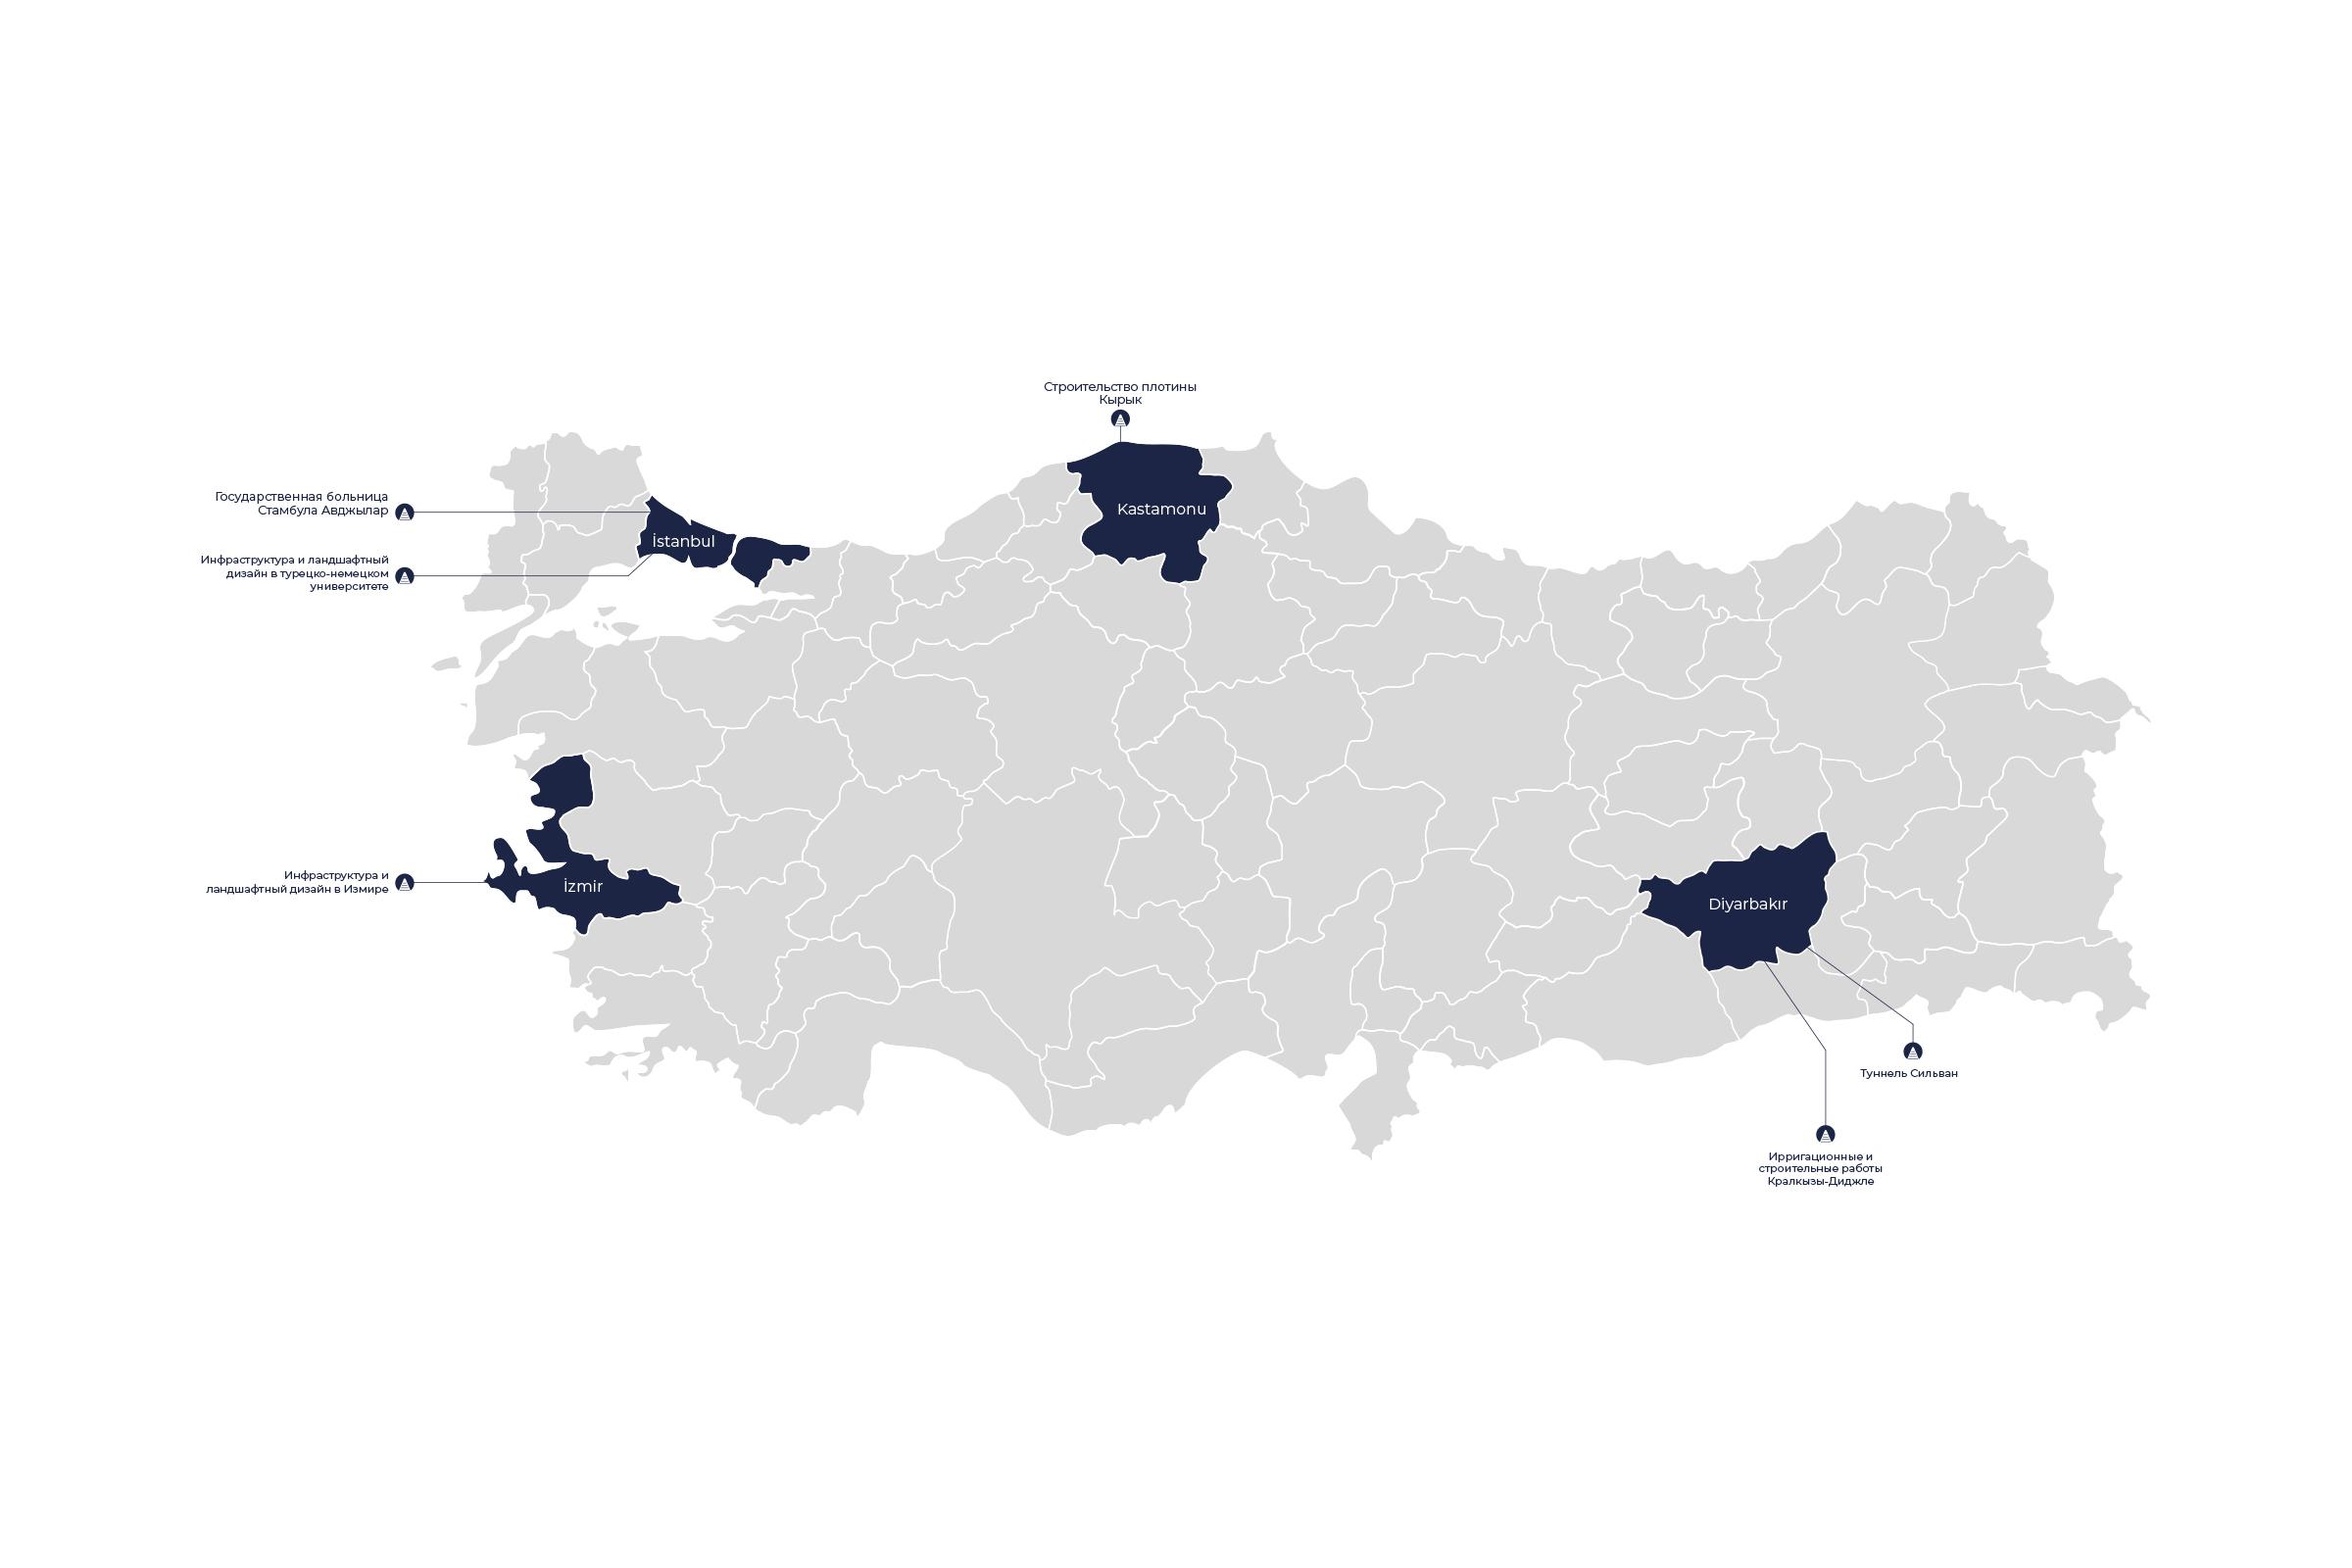 türkiye proje devam eden rs